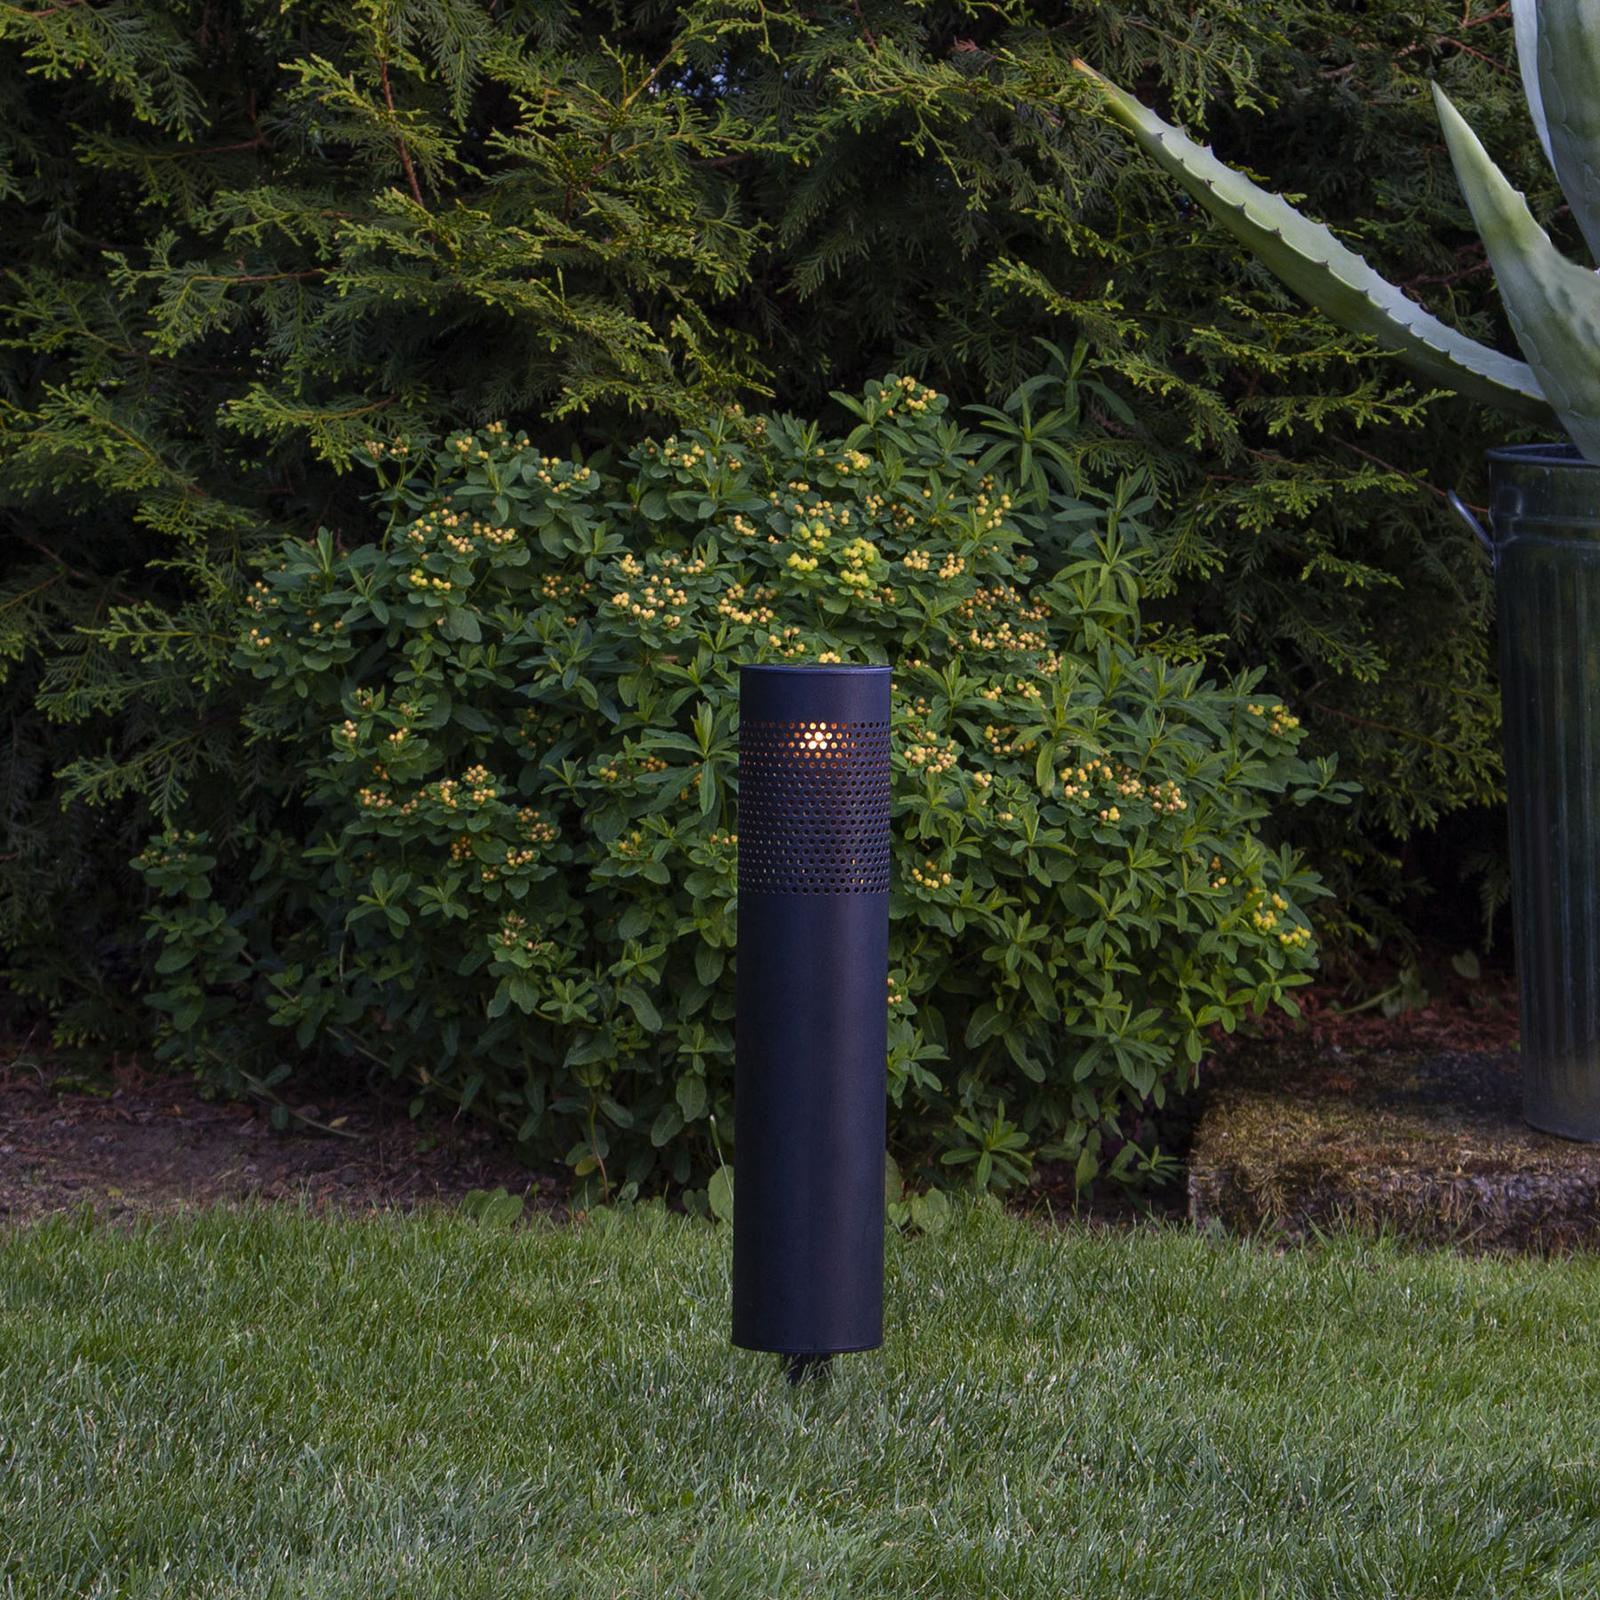 LED-Solarleuchte Blace in Schwarz, 39 cm hoch